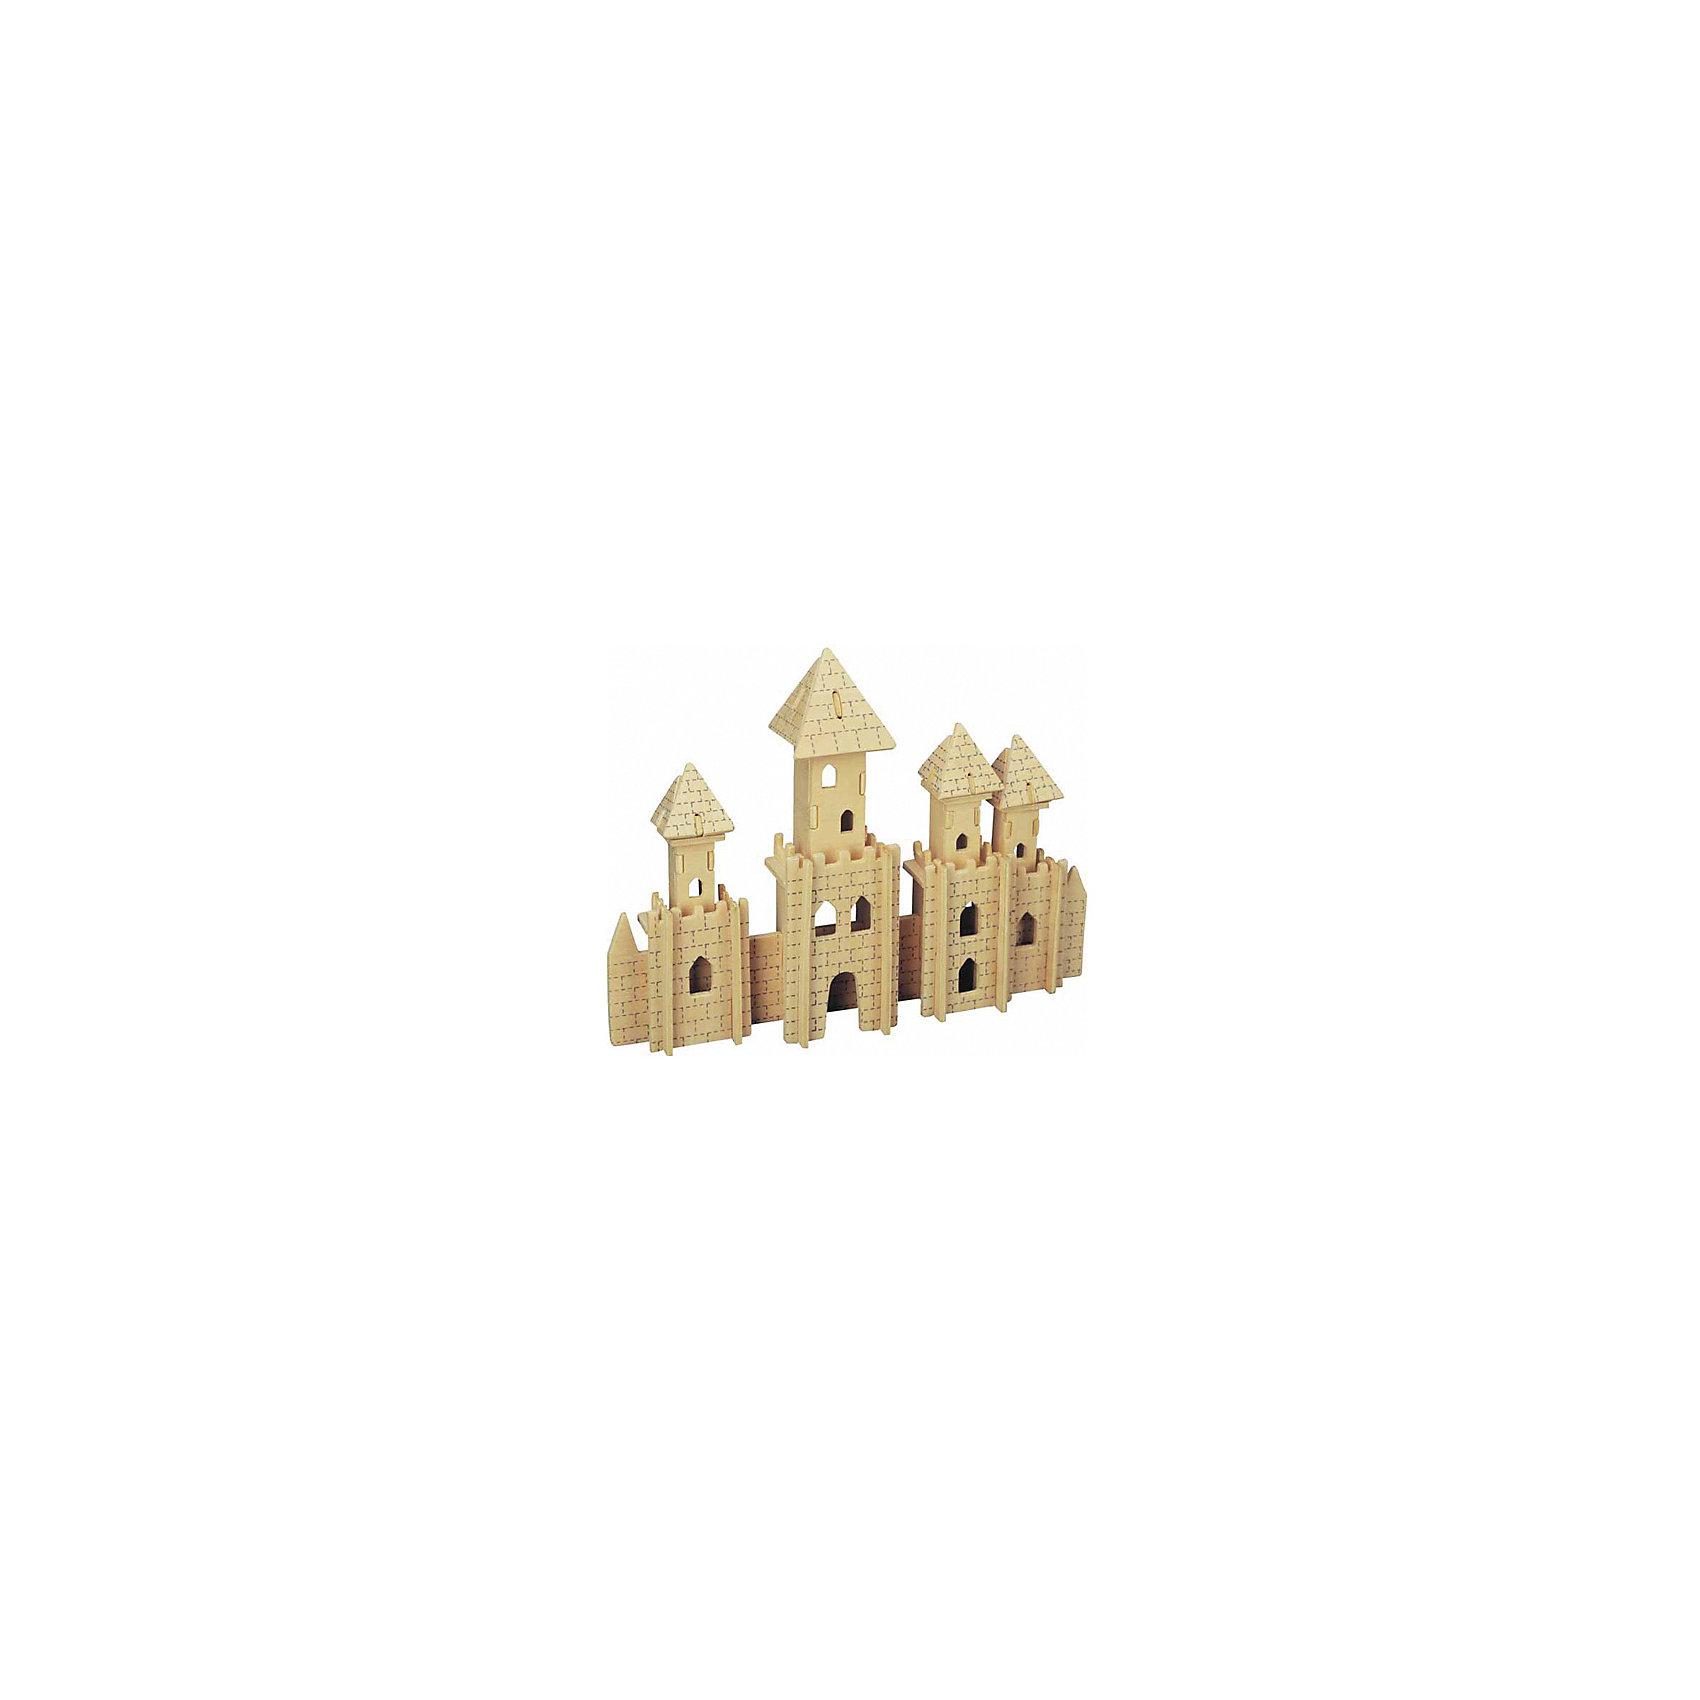 ФОТО МДИ Крепость, Мир деревянных игрушек